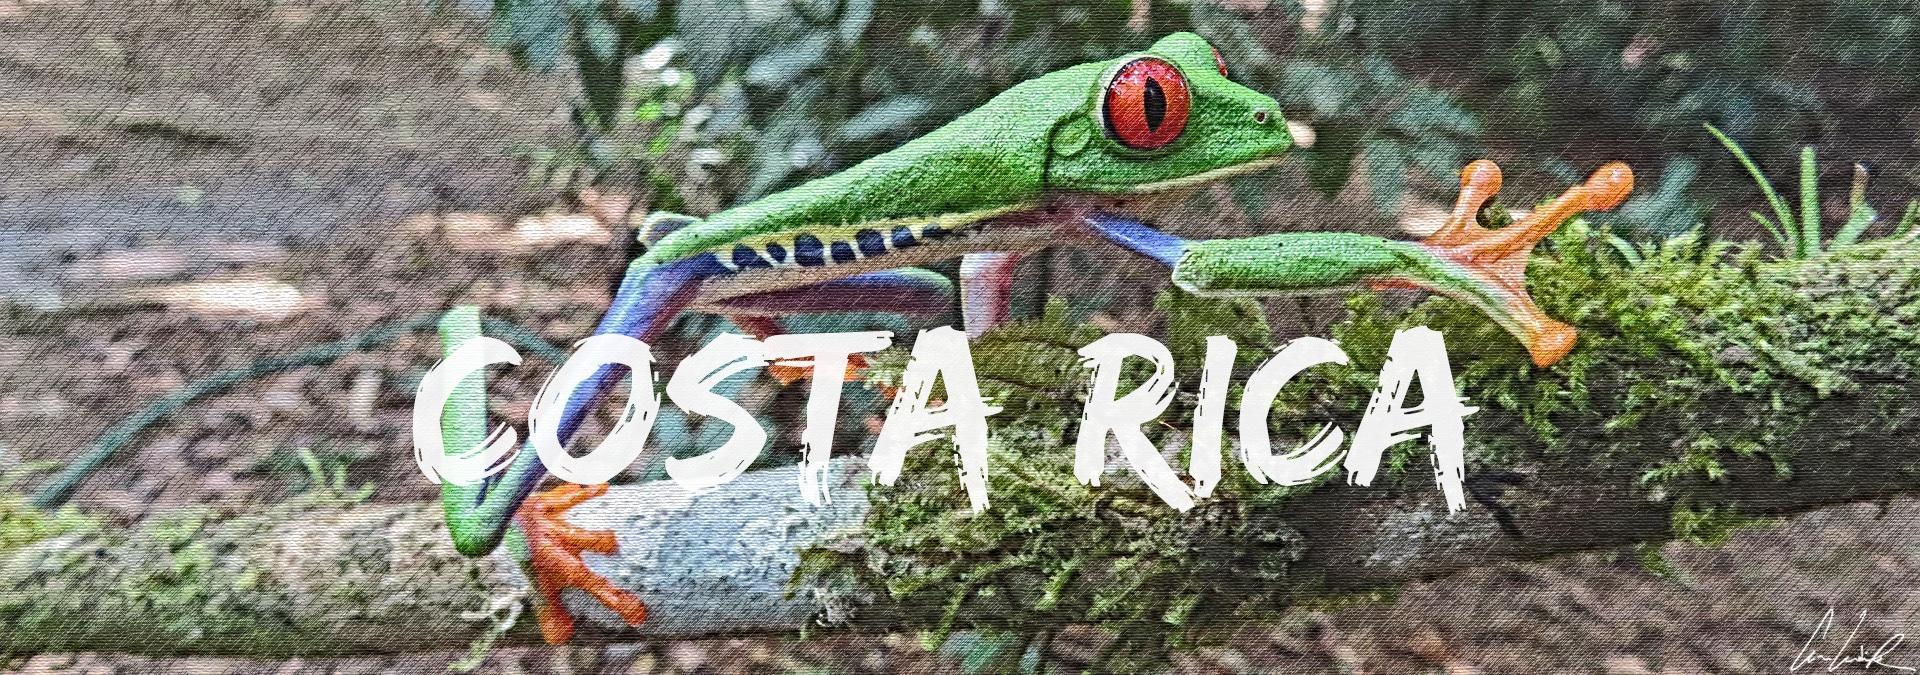 La Rainette aux yeux rouges est devenue la plus belle icône du Costa Rica à l'échelle internationale, symbolisant la biodiversité extraordinaire de ce petit pays.